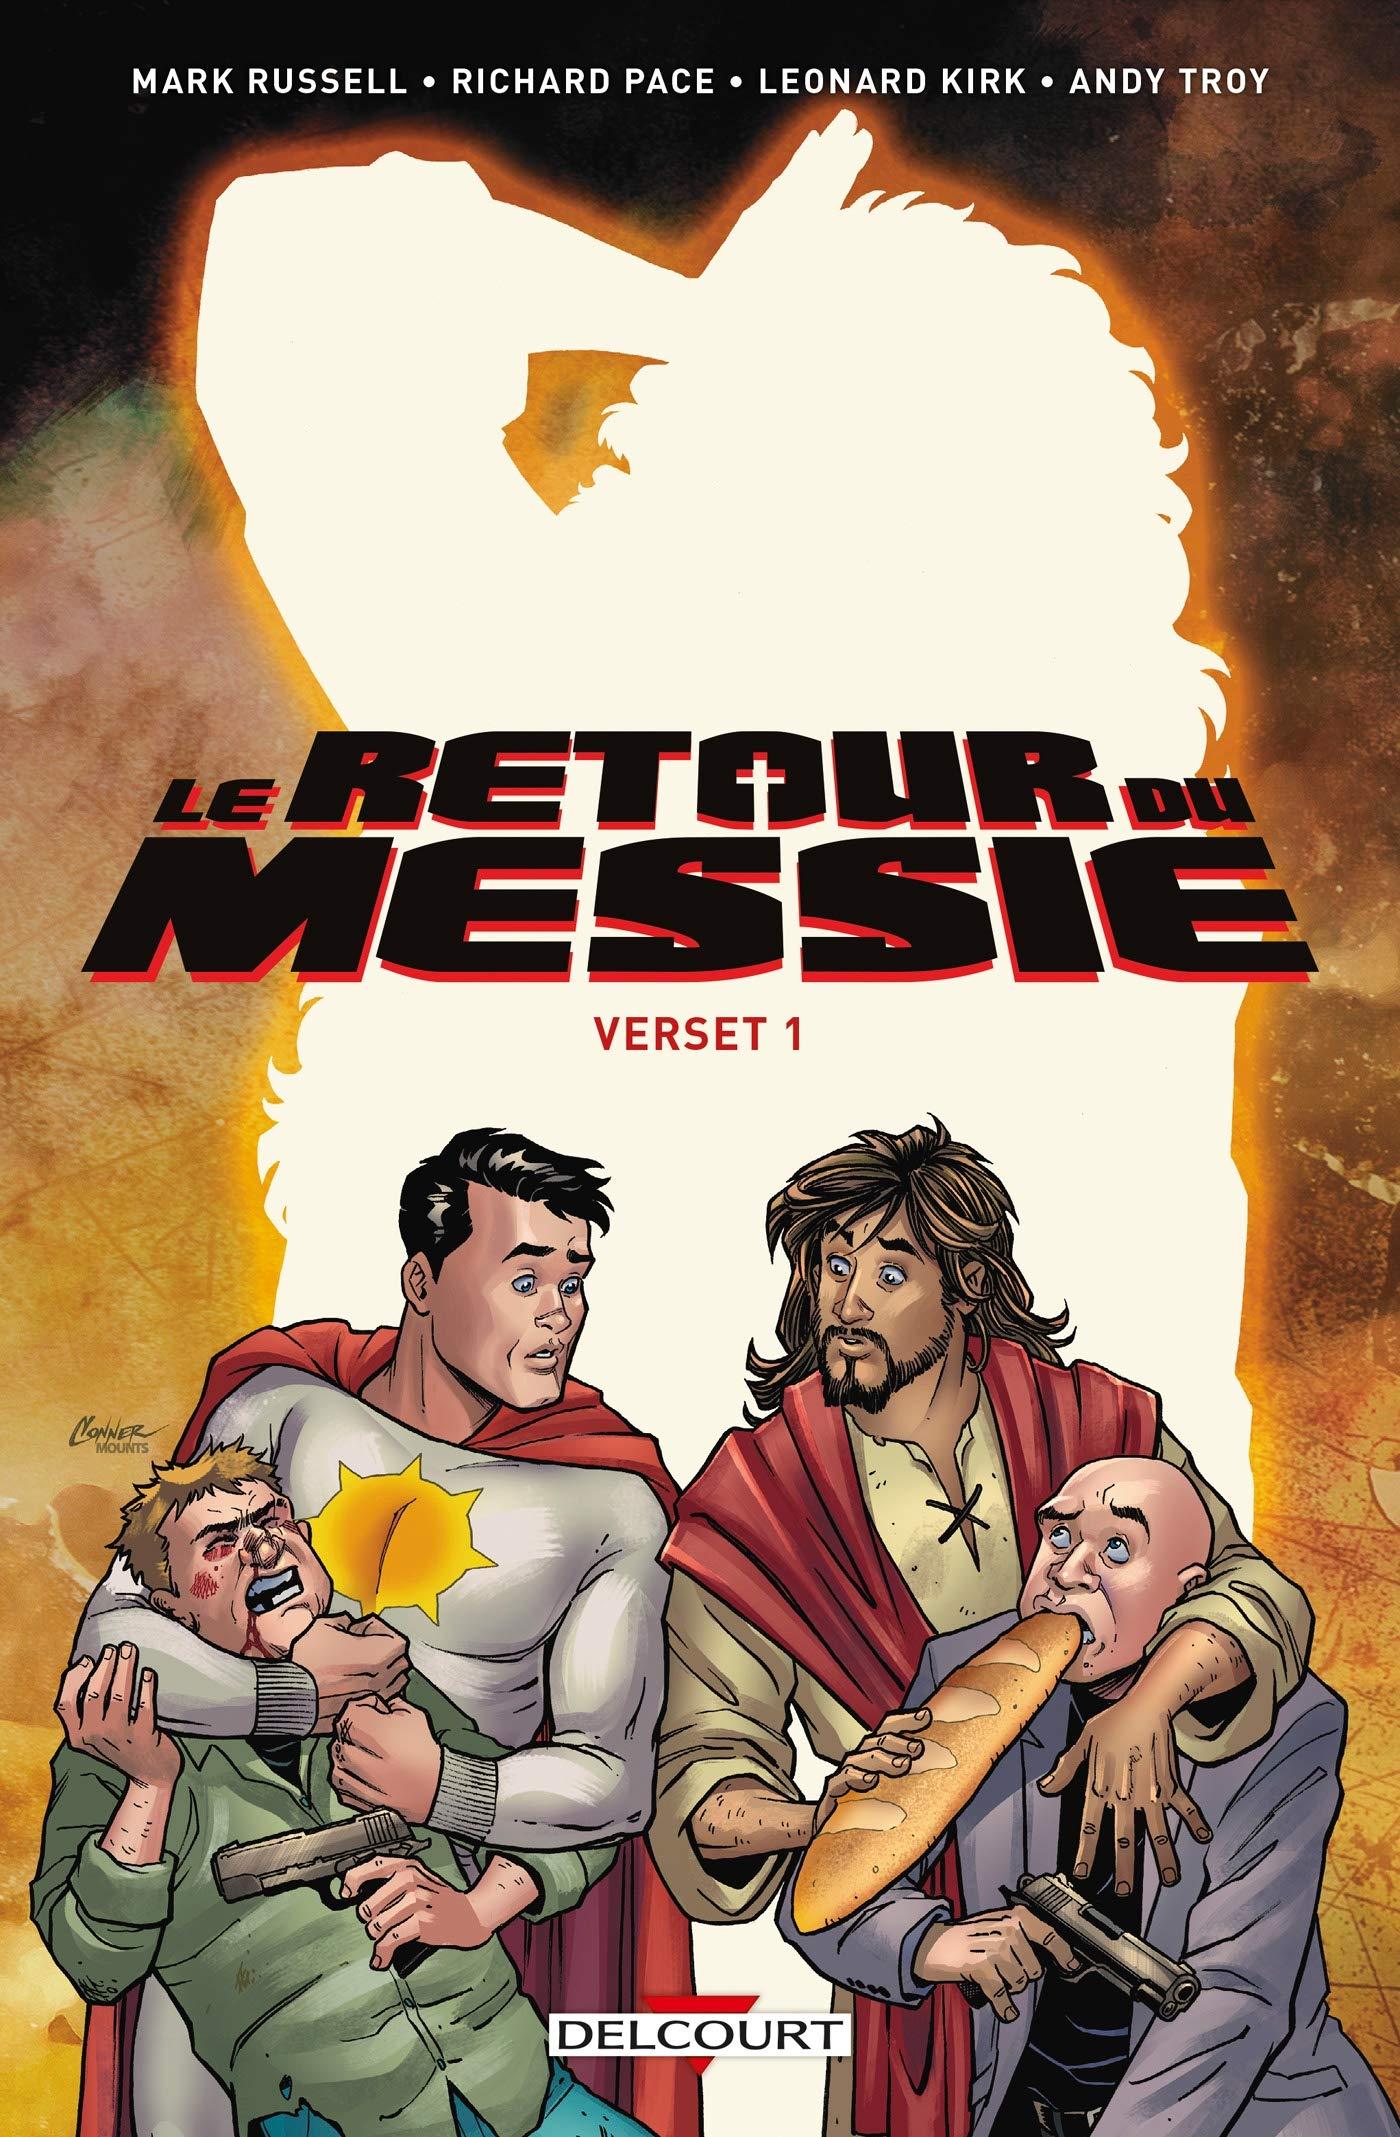 Le Retour du Messie 1 - Verset 1